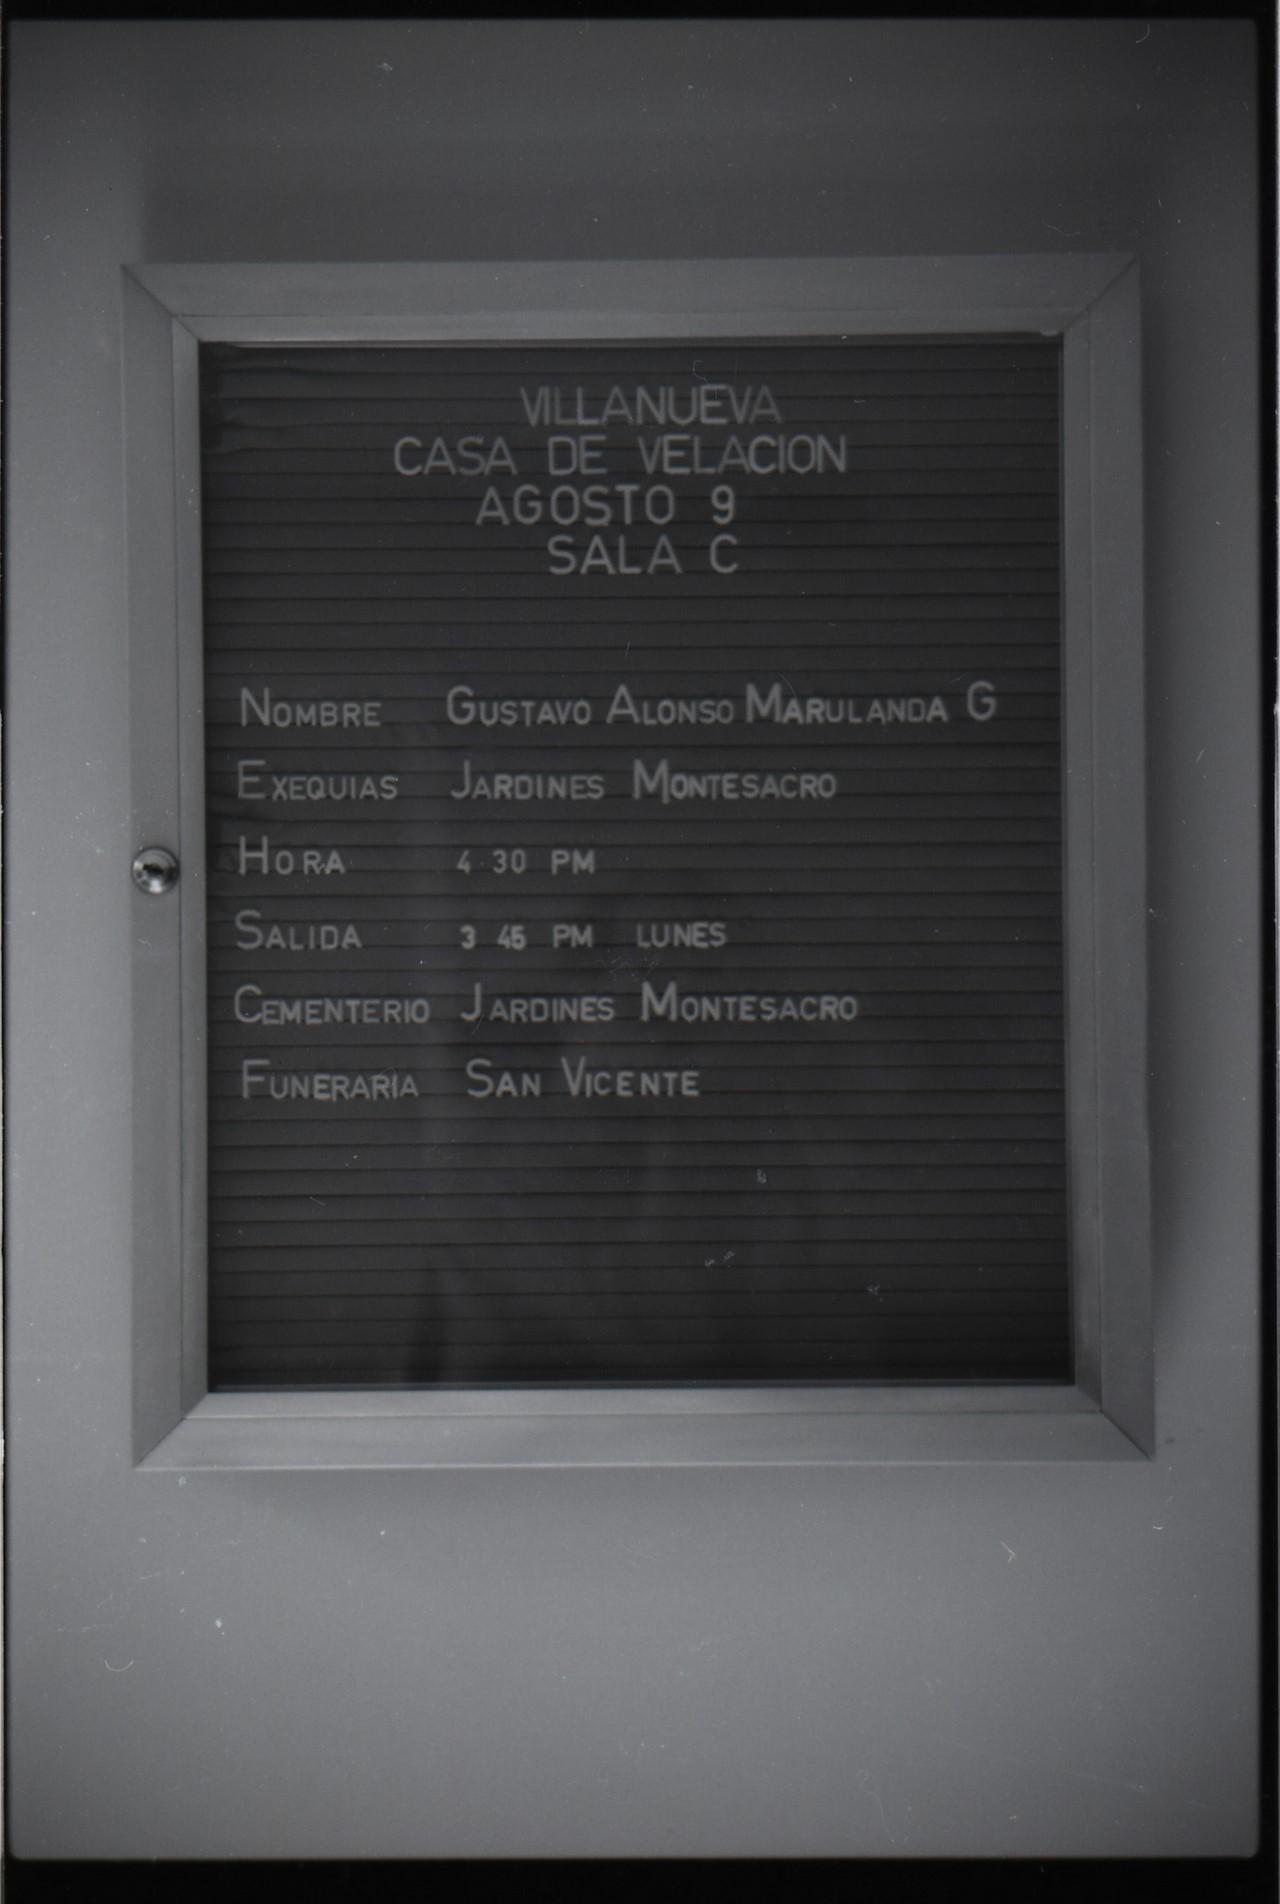 Imágenes vía El Colombiano, Carlos Villa y Archivo de la Oficina Estudiantil de la Universidad Nacional